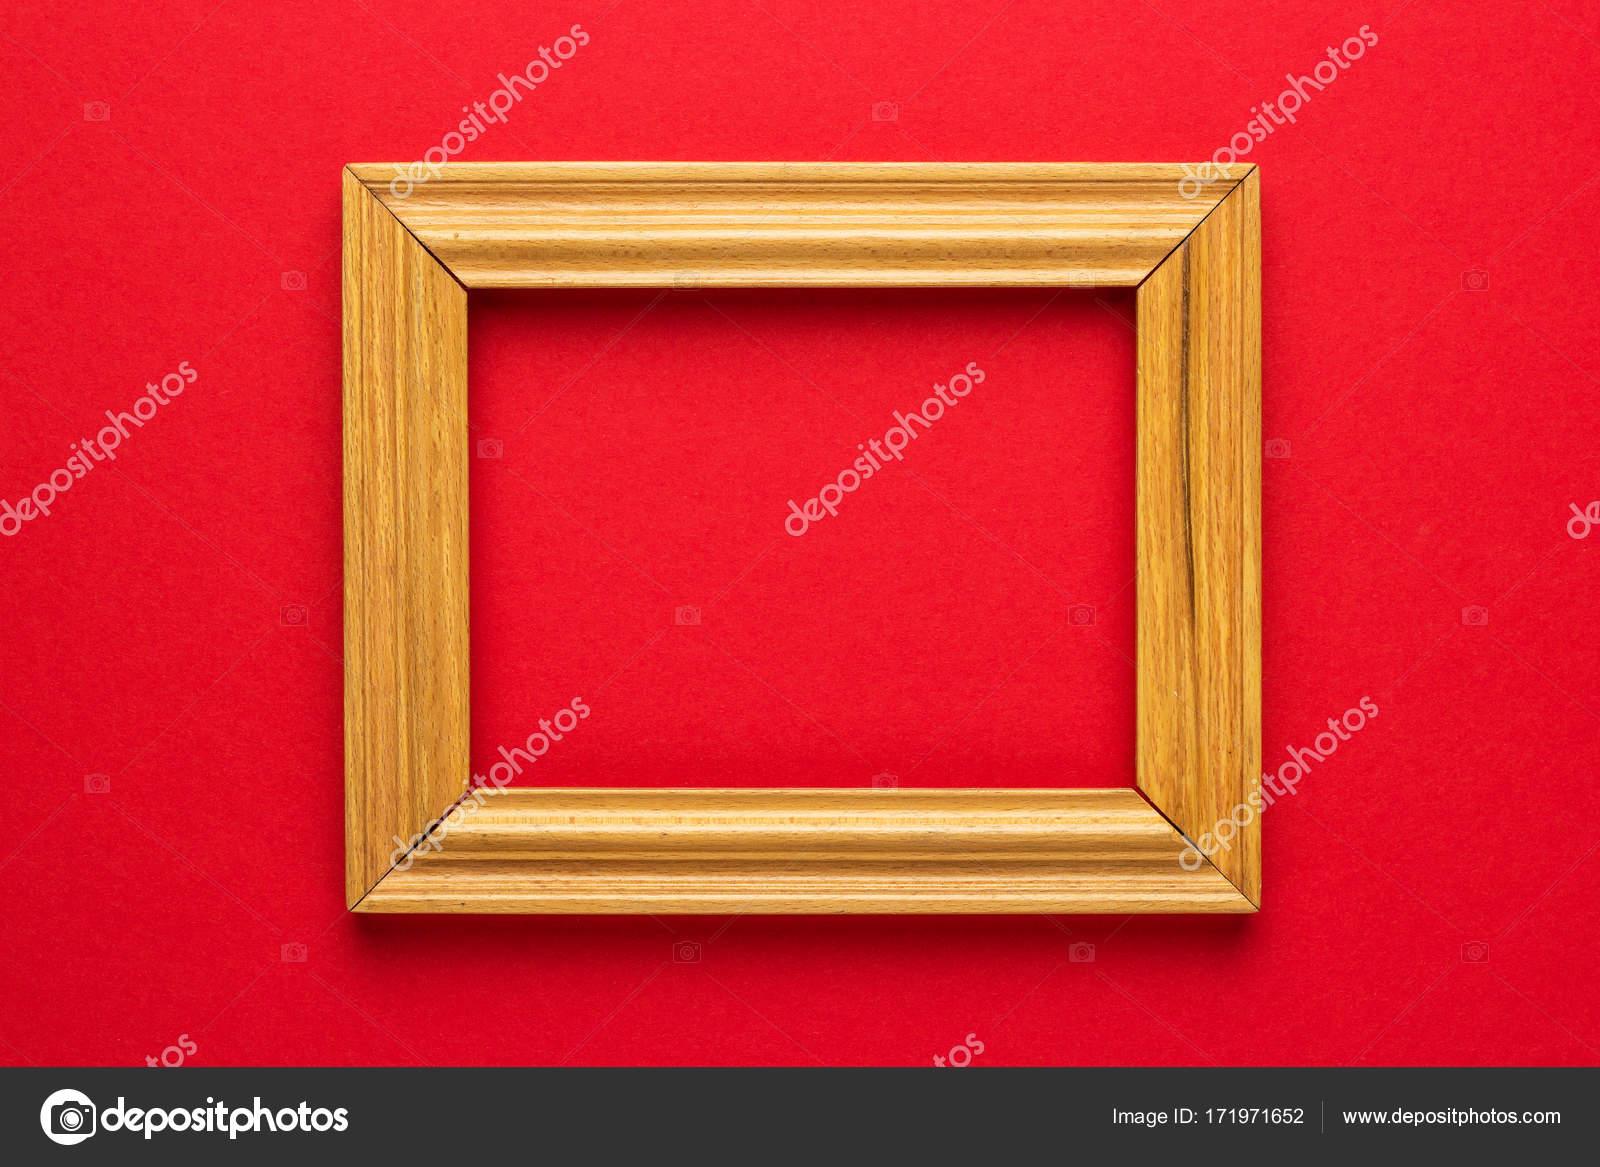 Holzrahmen auf rot — Stockfoto © garloon #171971652